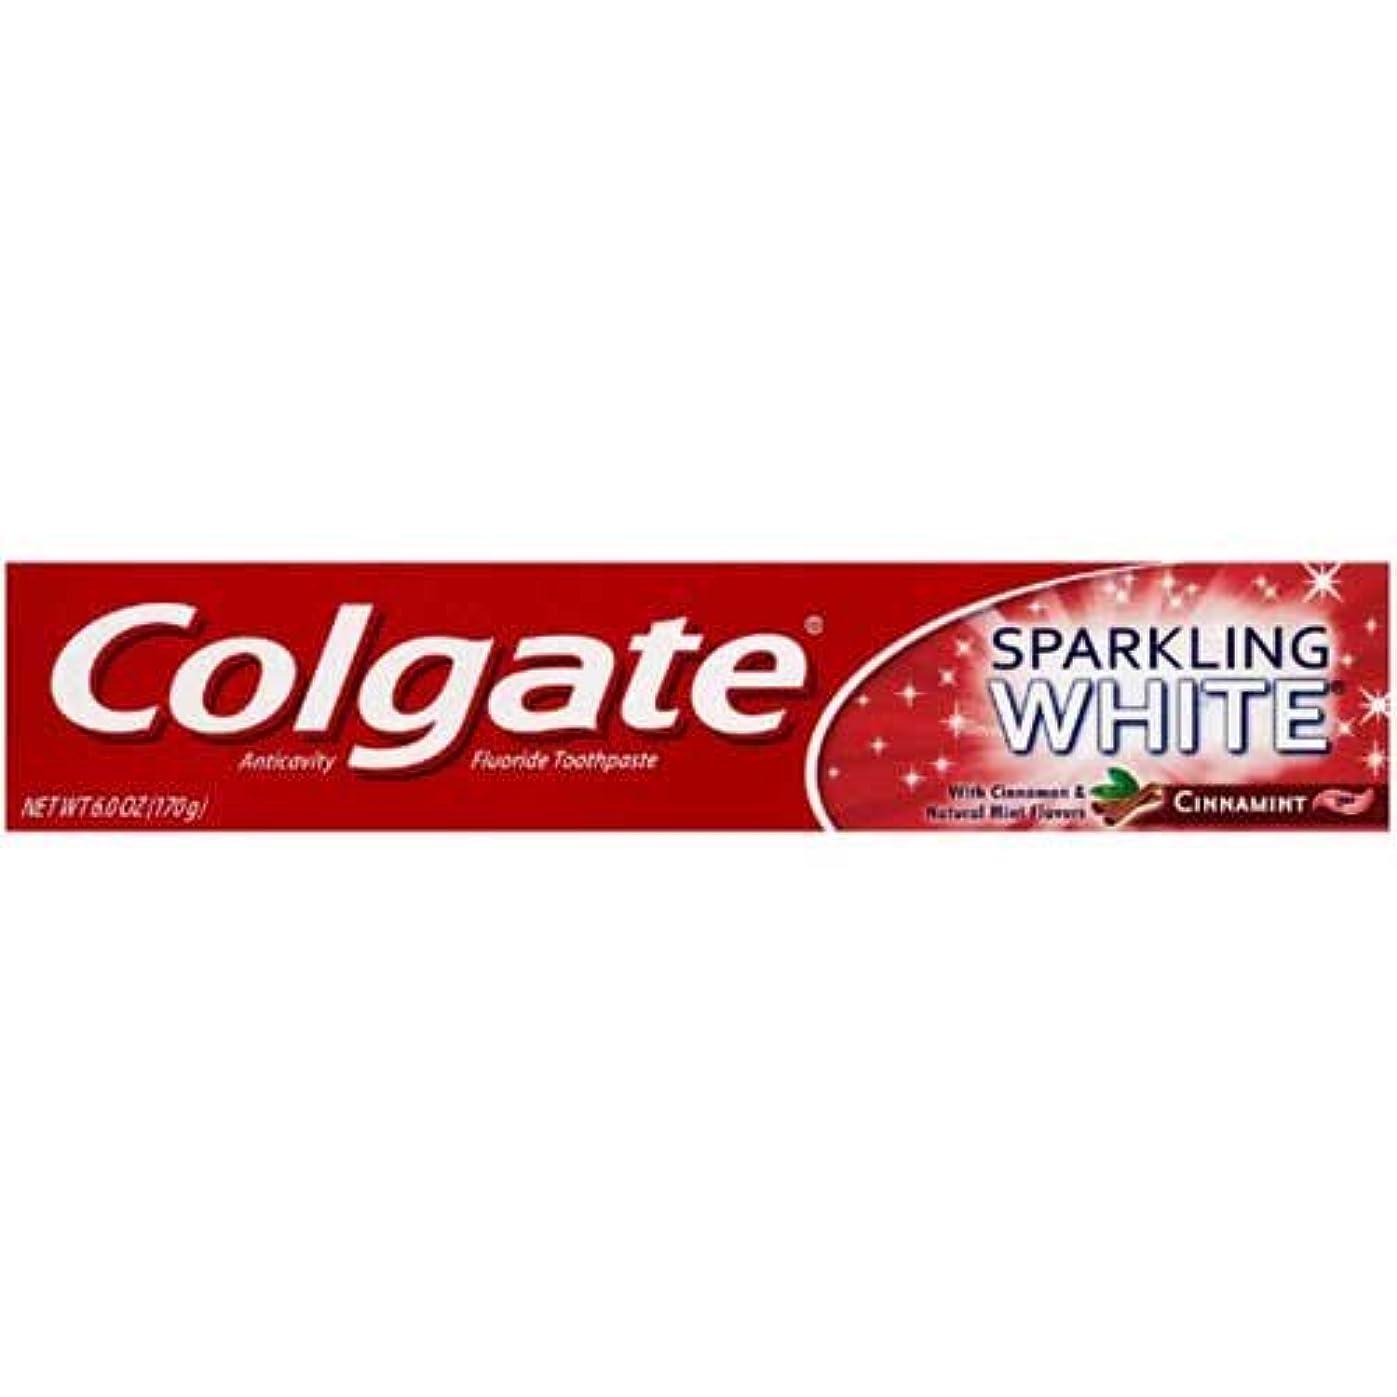 週間六分儀七時半Colgate ホワイトニングスパークリングホワイトの歯磨き粉、6オンス - 24あたりのケース。